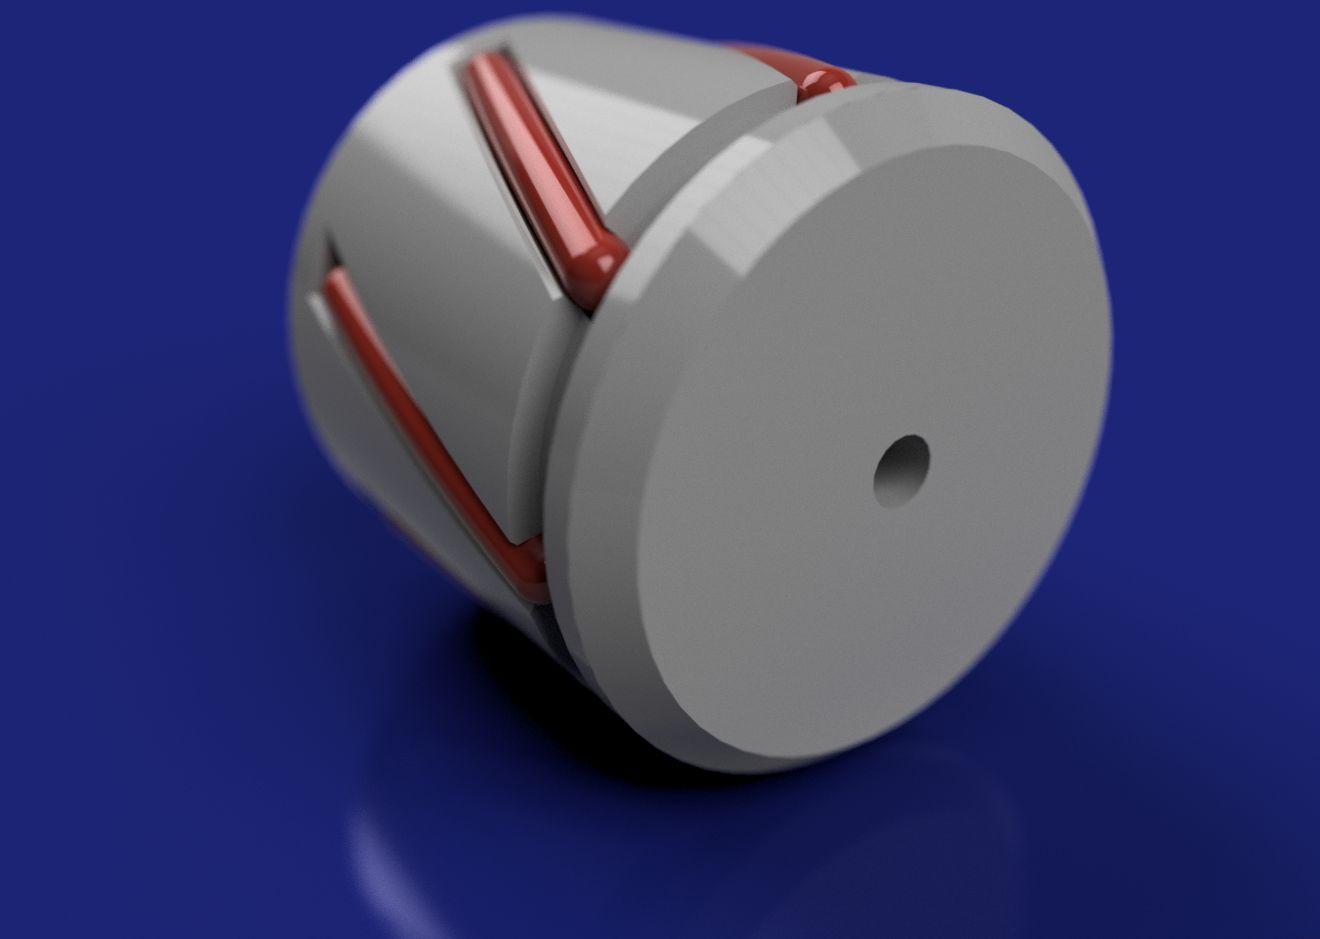 Rolling-the-roller-v1-3500-3500